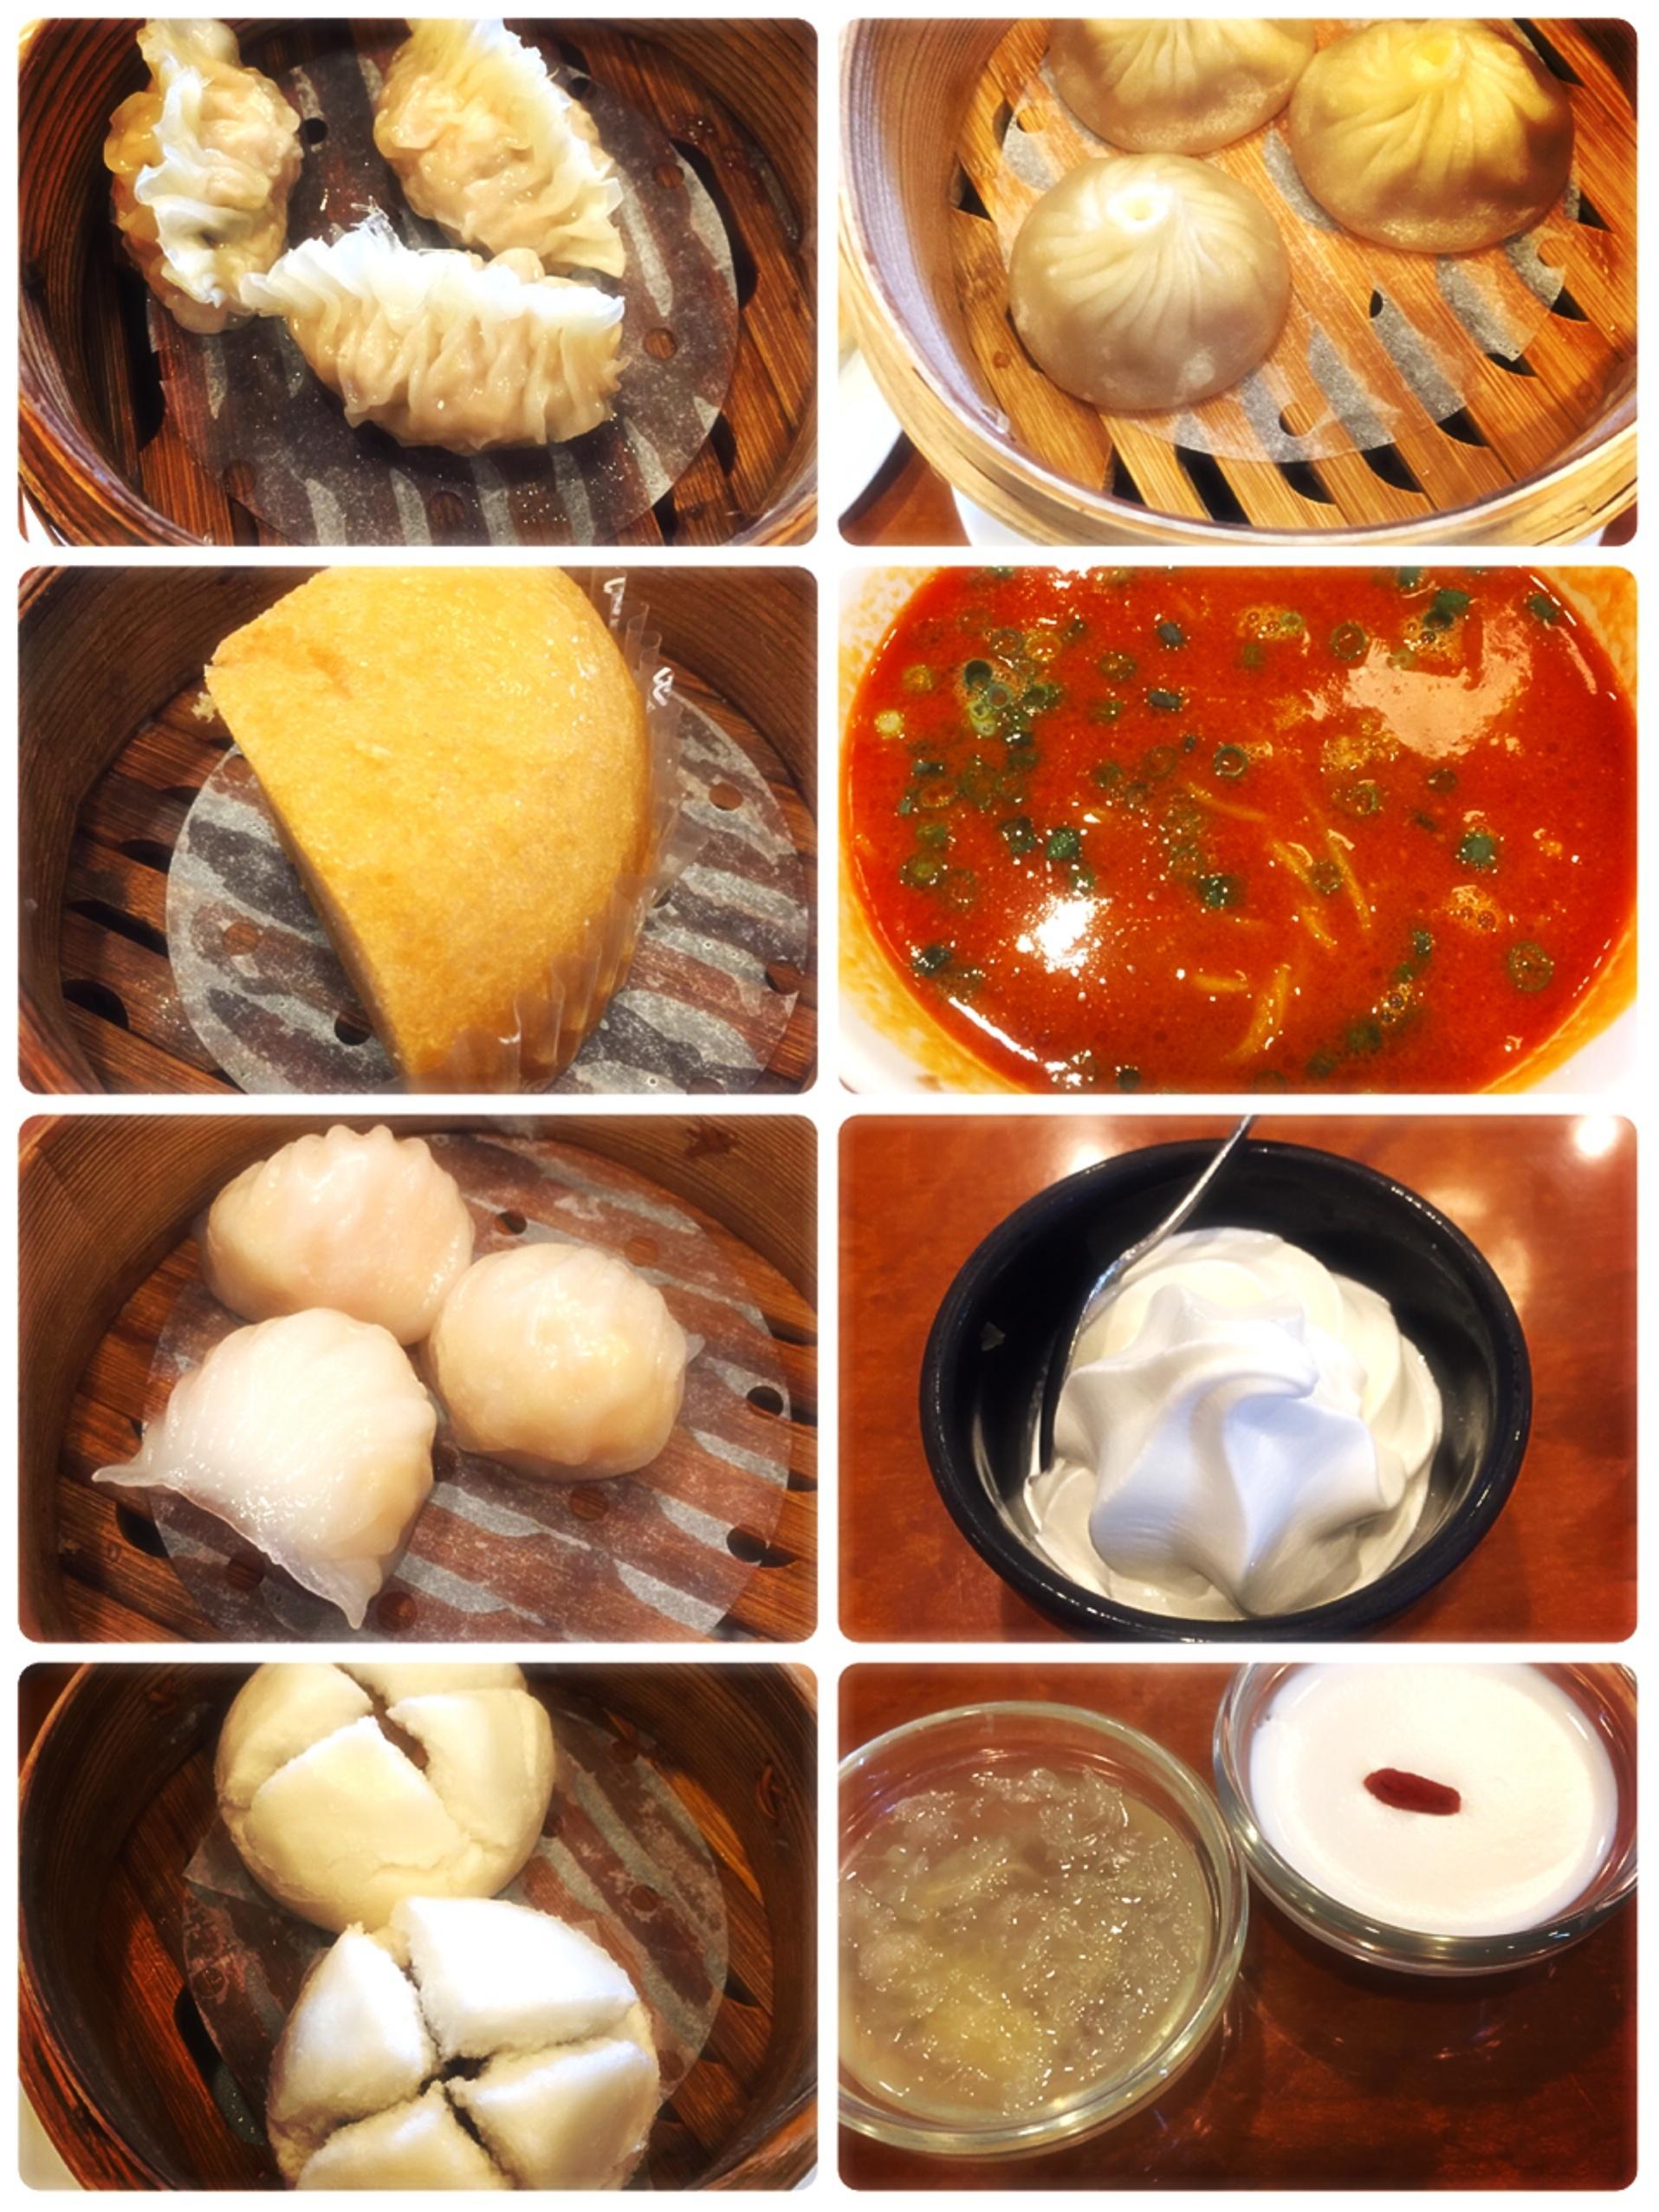 横浜中華街のオーダー式食べ放題【横浜大飯店】が何を食べても美味しいんです!_7